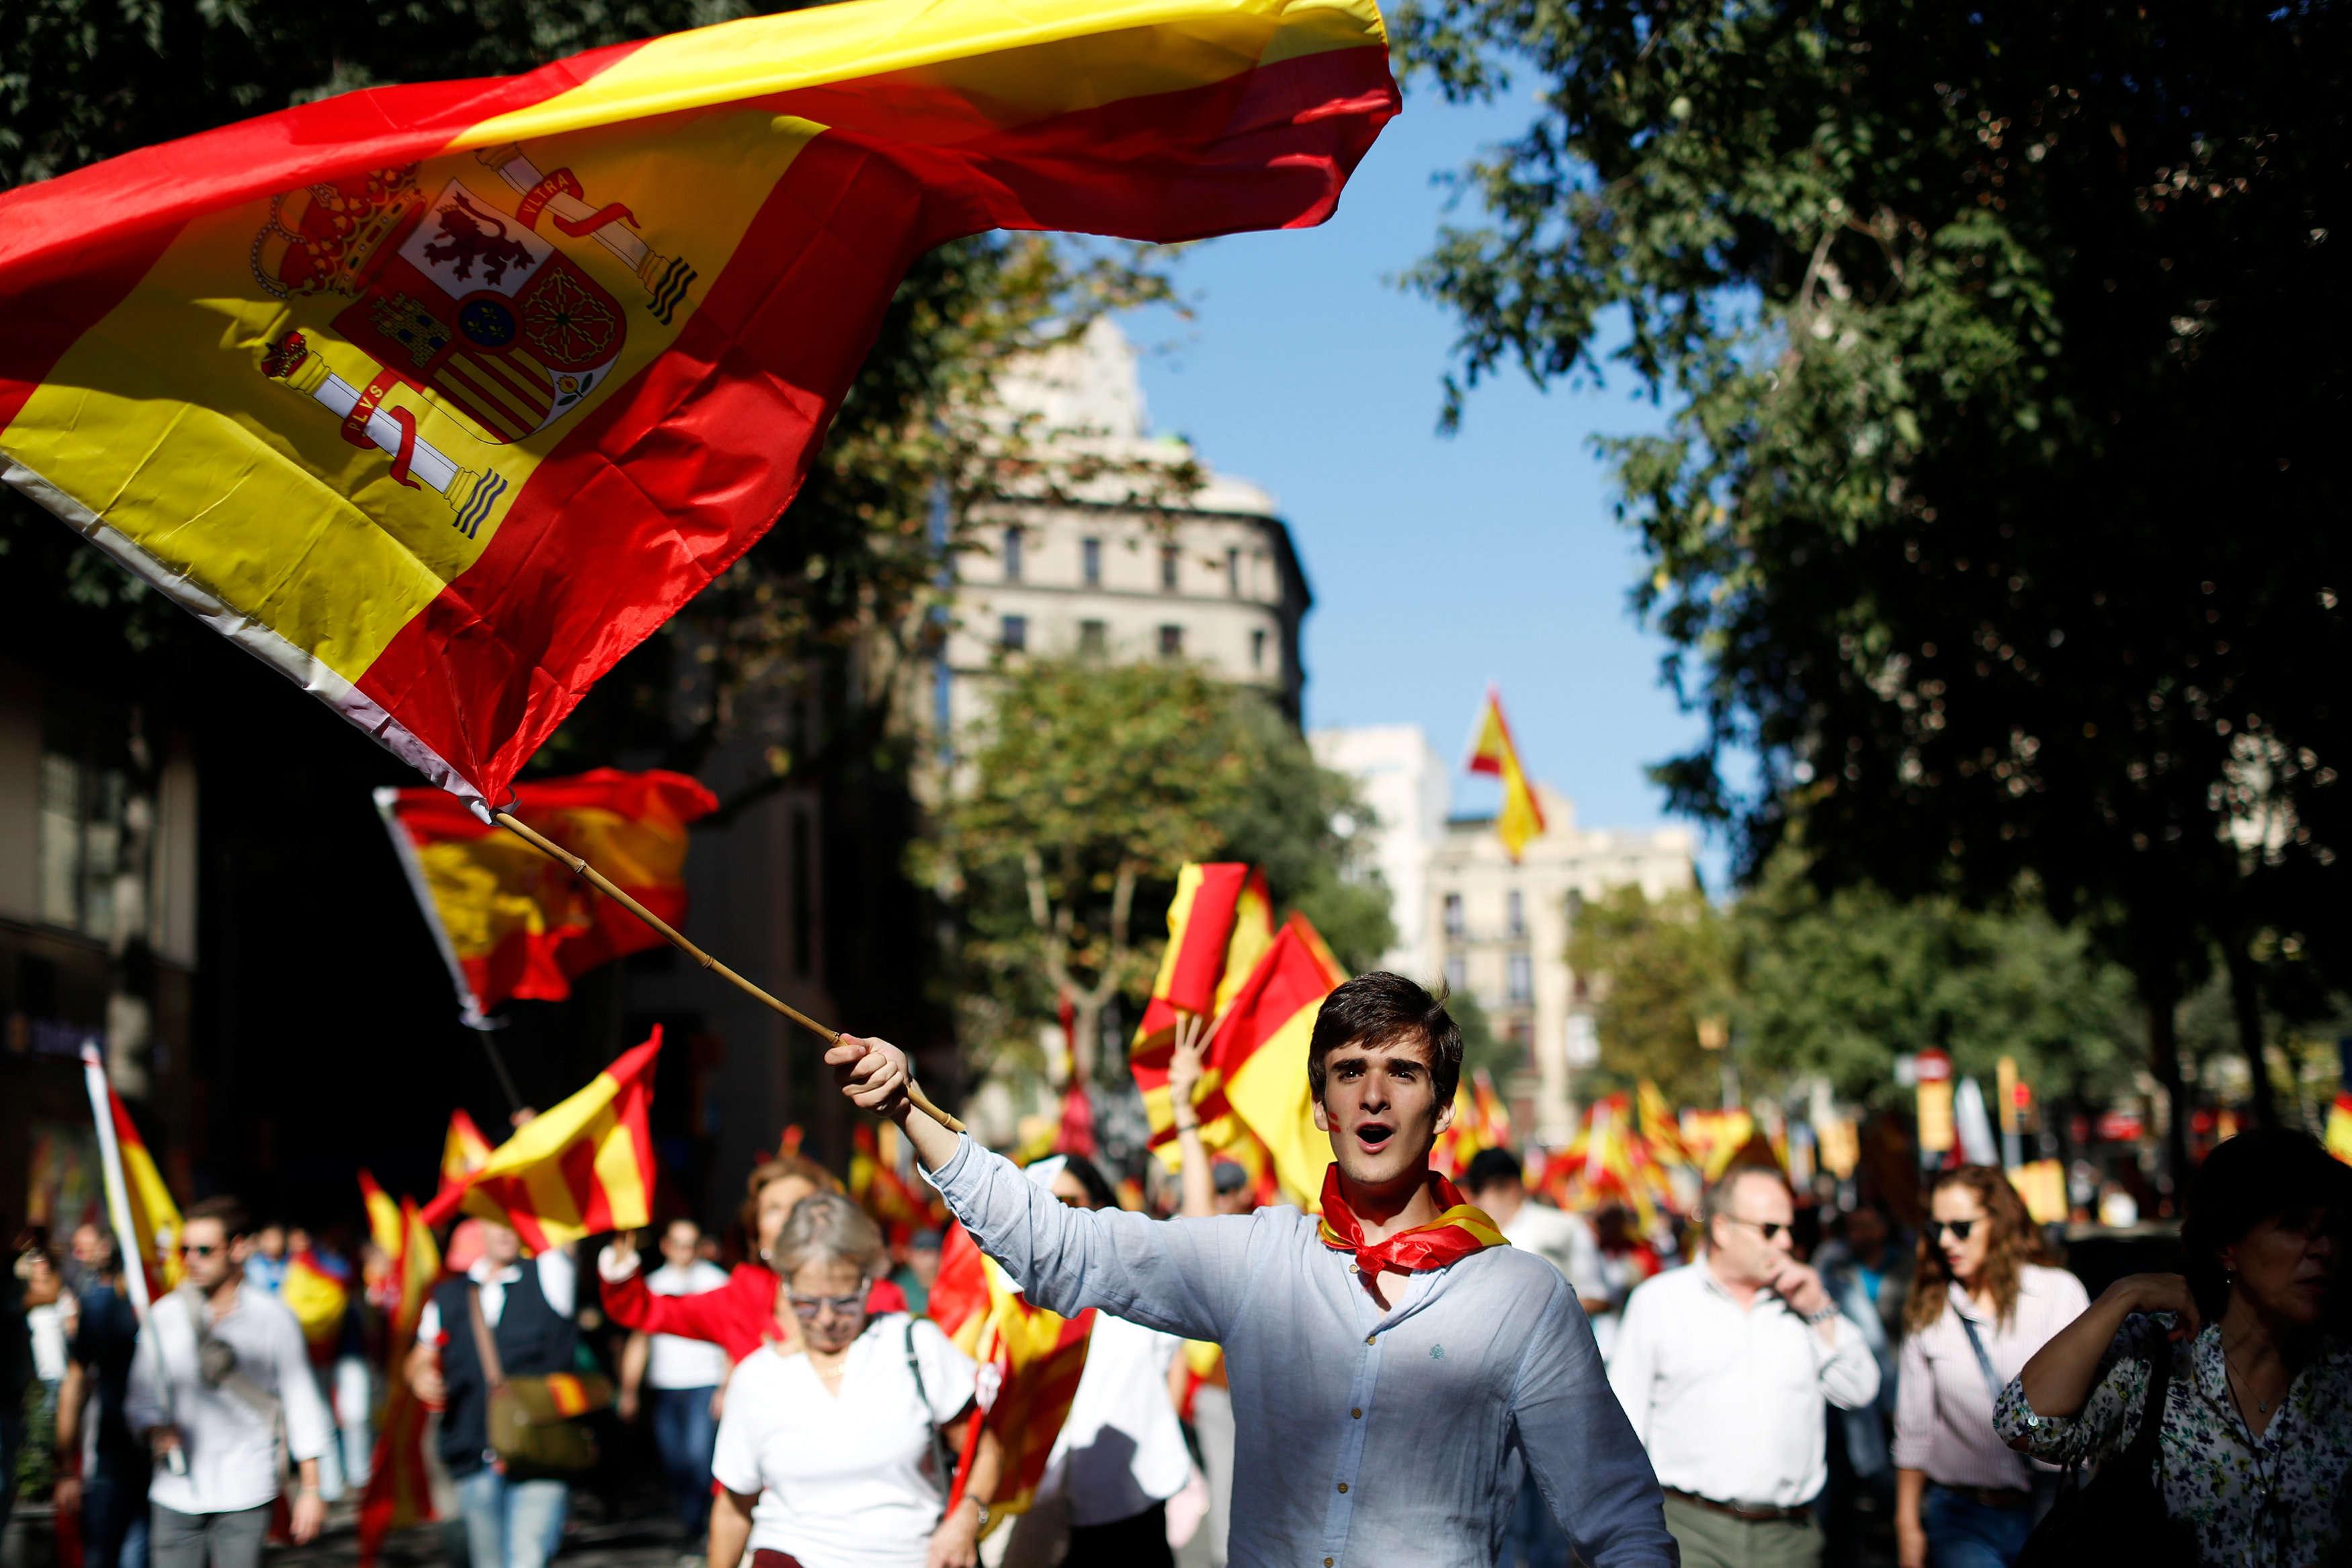 La manifestation a été organisée par l'association unioniste Société civile catalane, sur le thème«Ca suffit ! Retrouvons la sagesse».